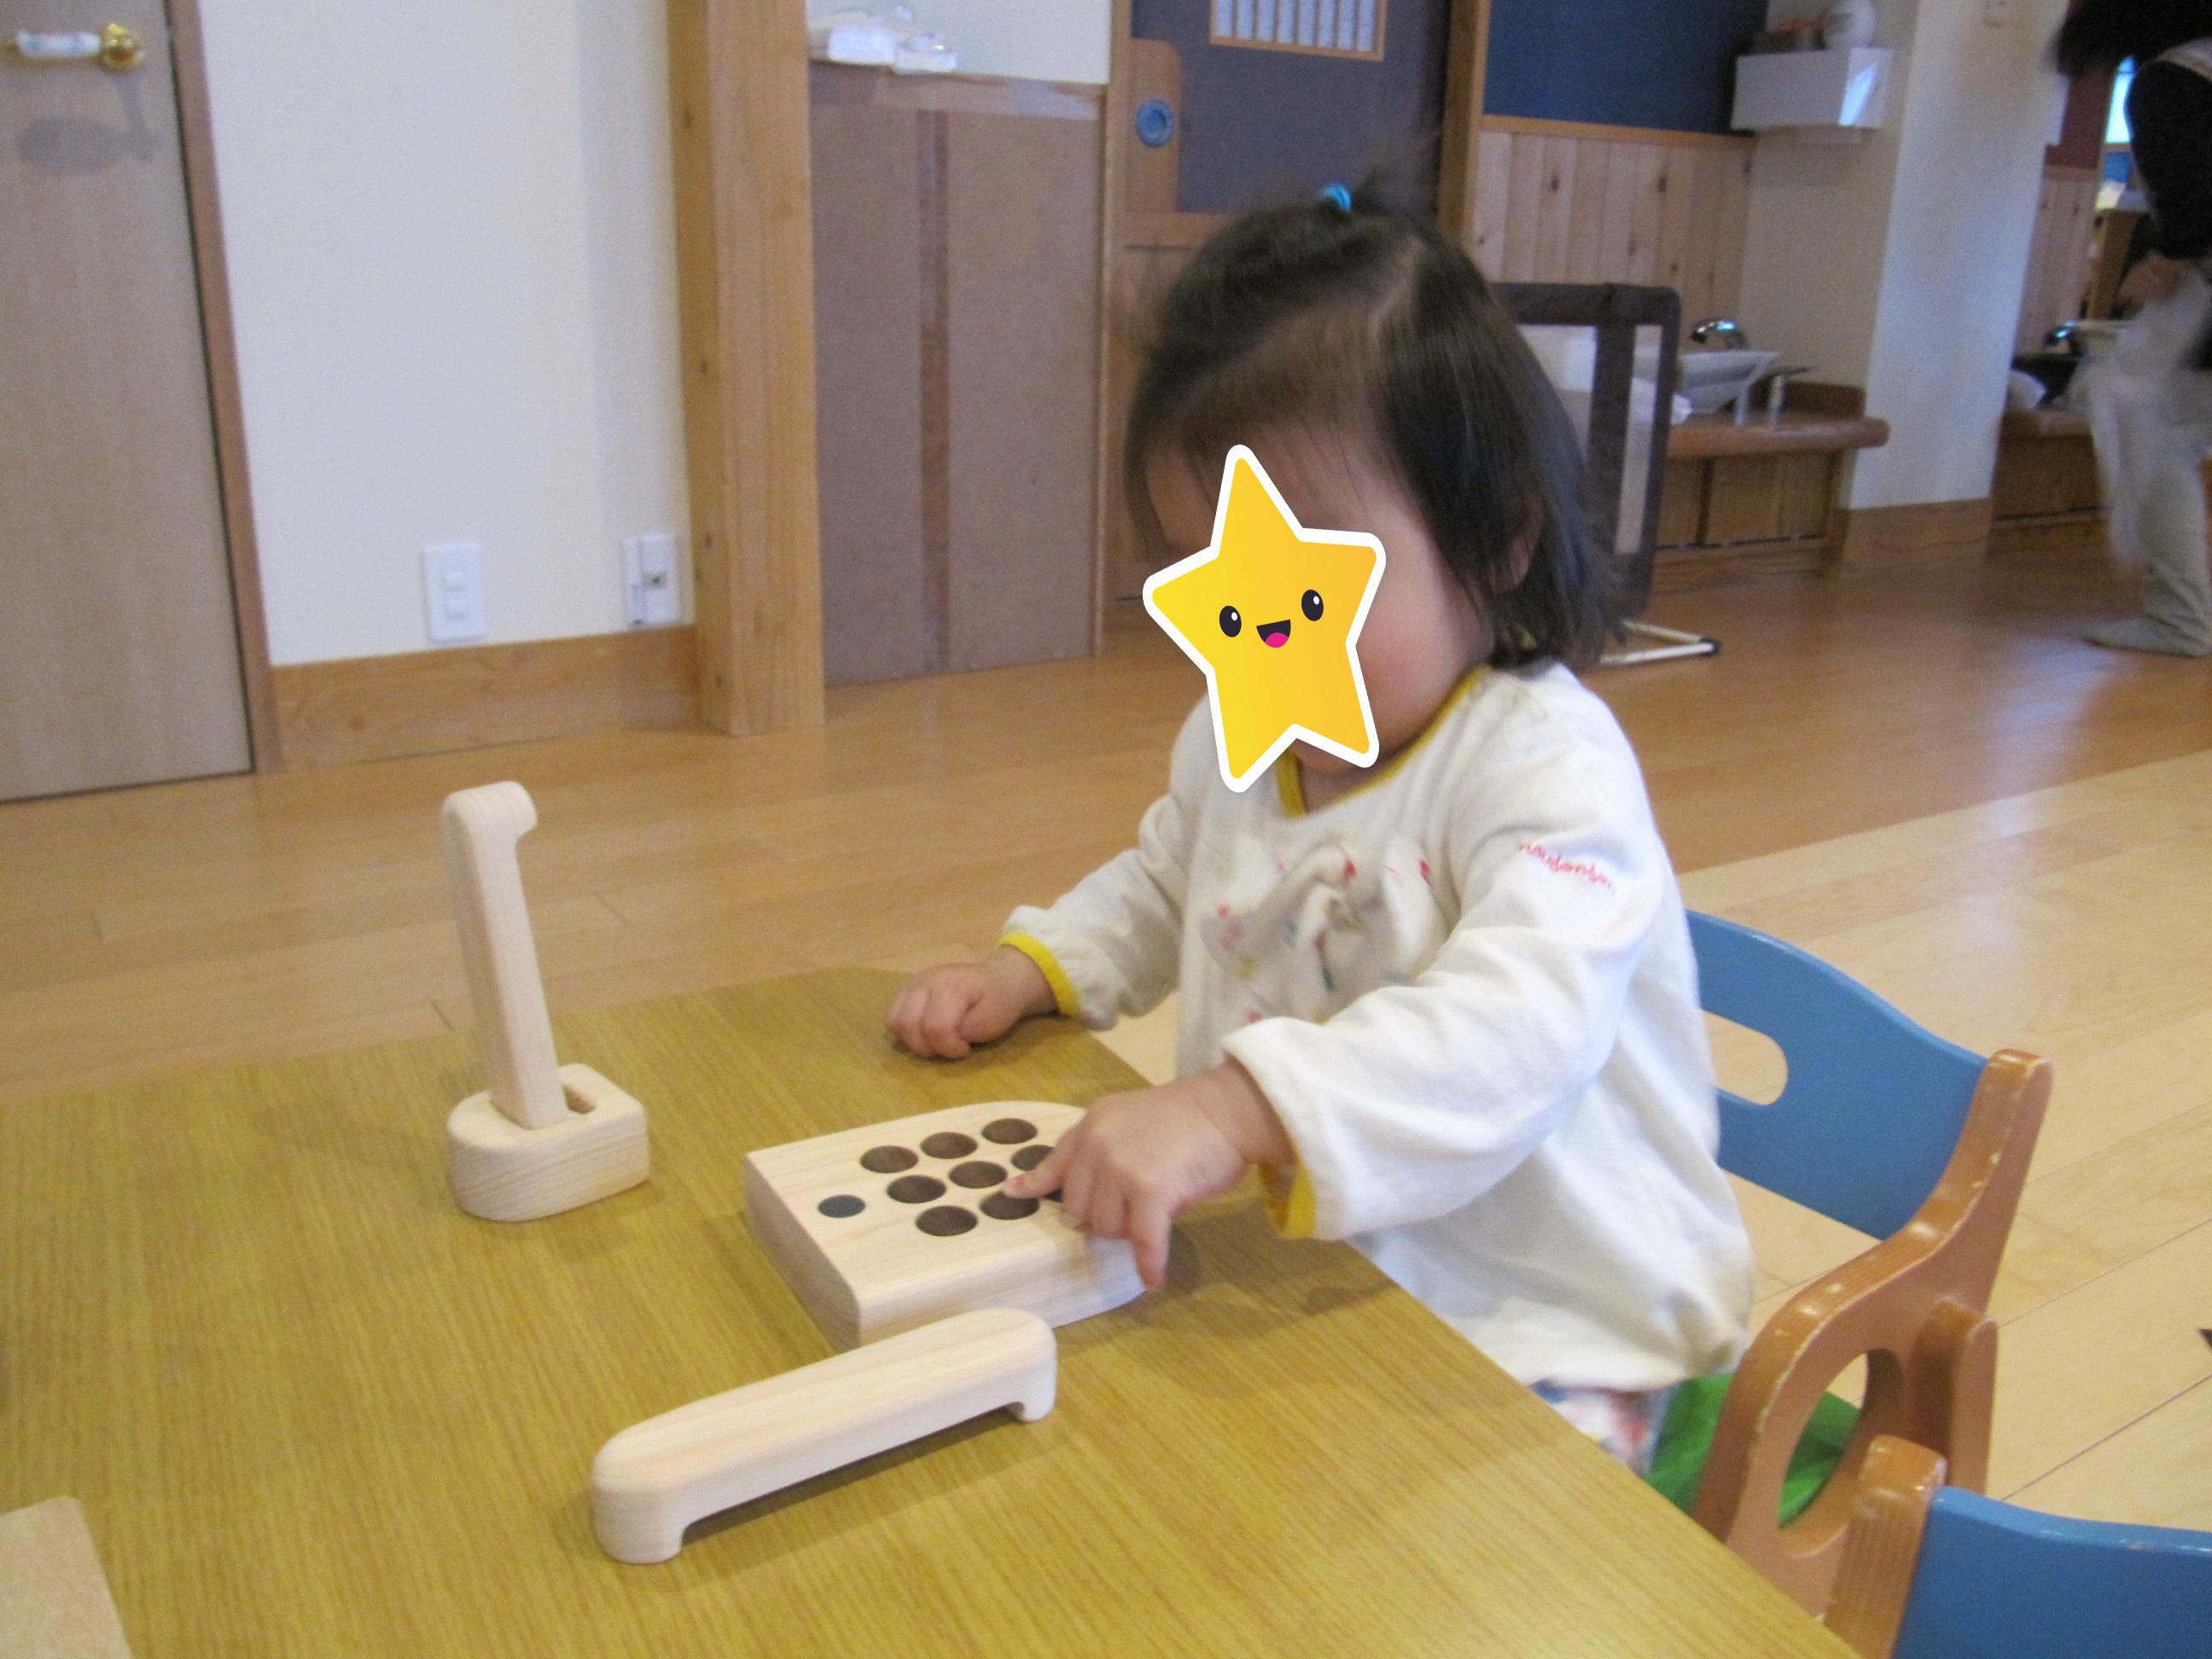 屯田園 くり組さん新しい木のおもちゃに興味津々😊